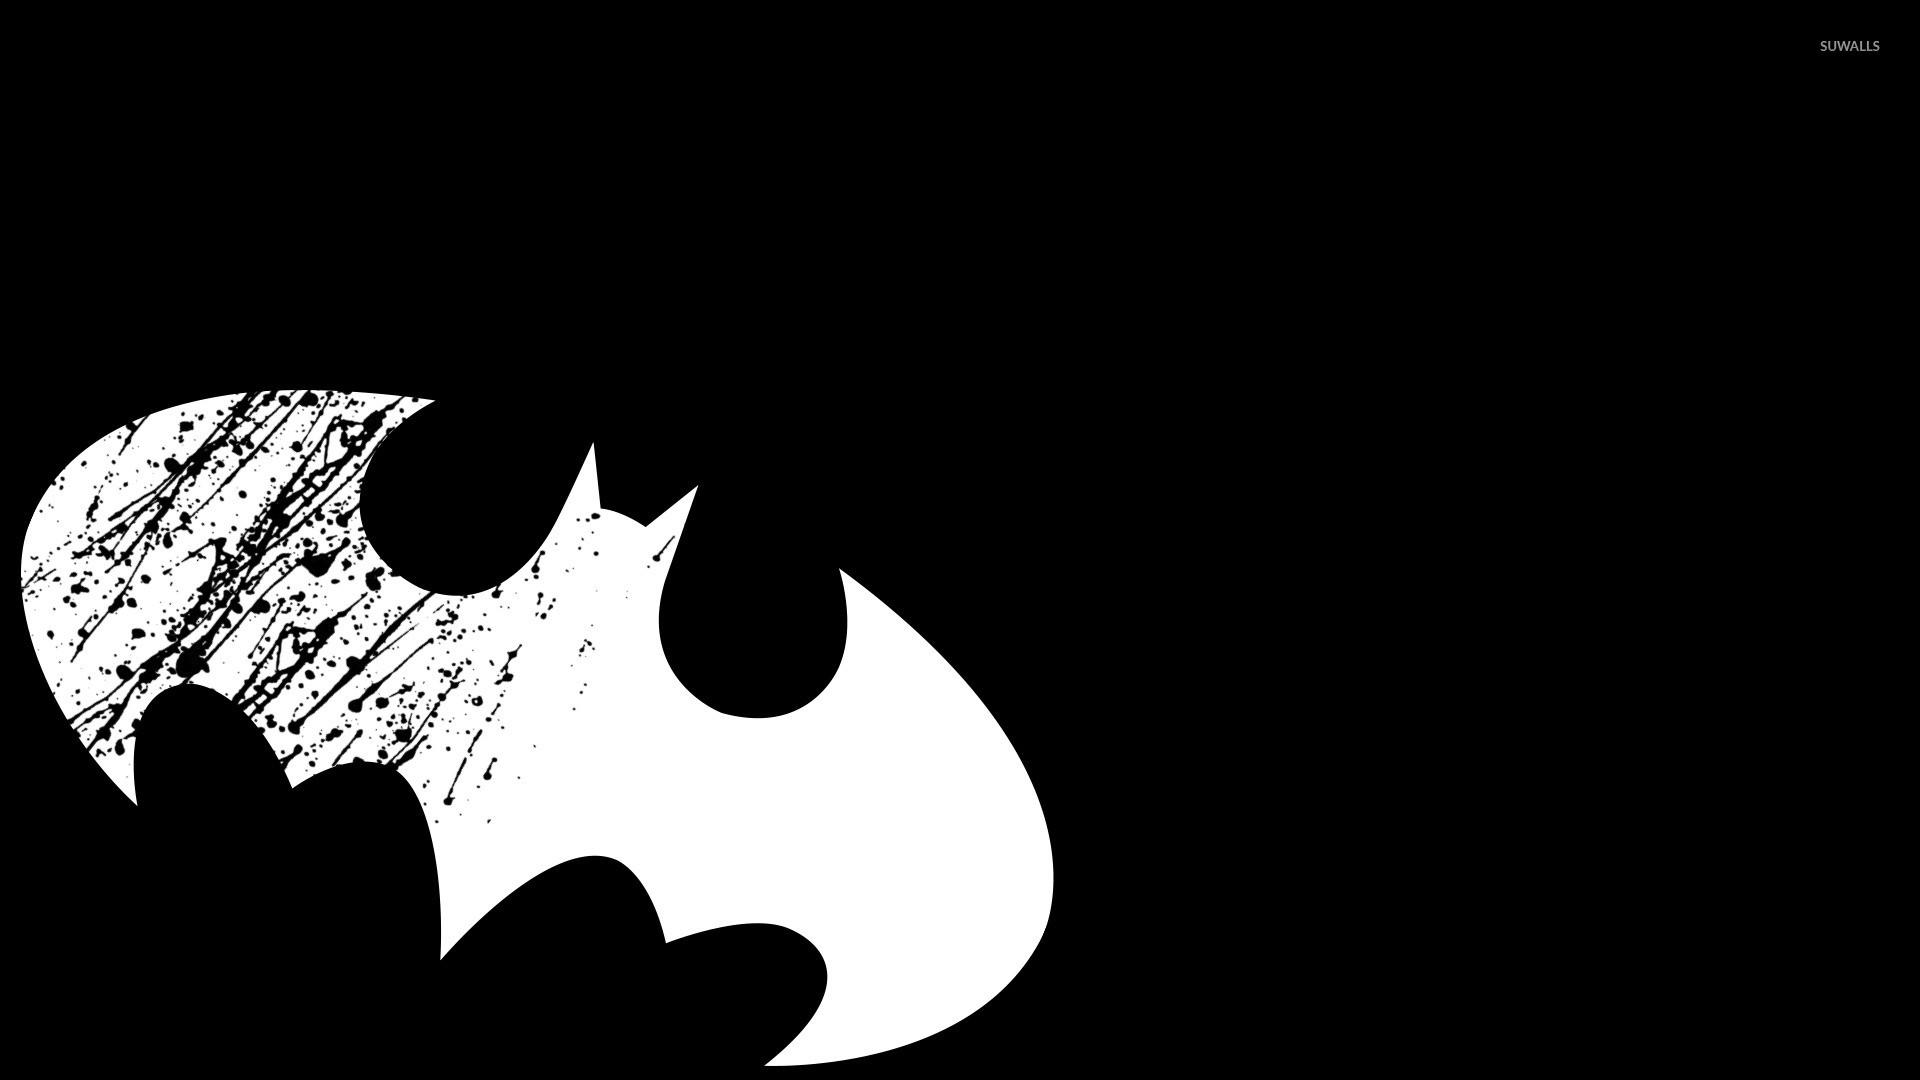 1920x1080 White Batman Logo Wallpaper